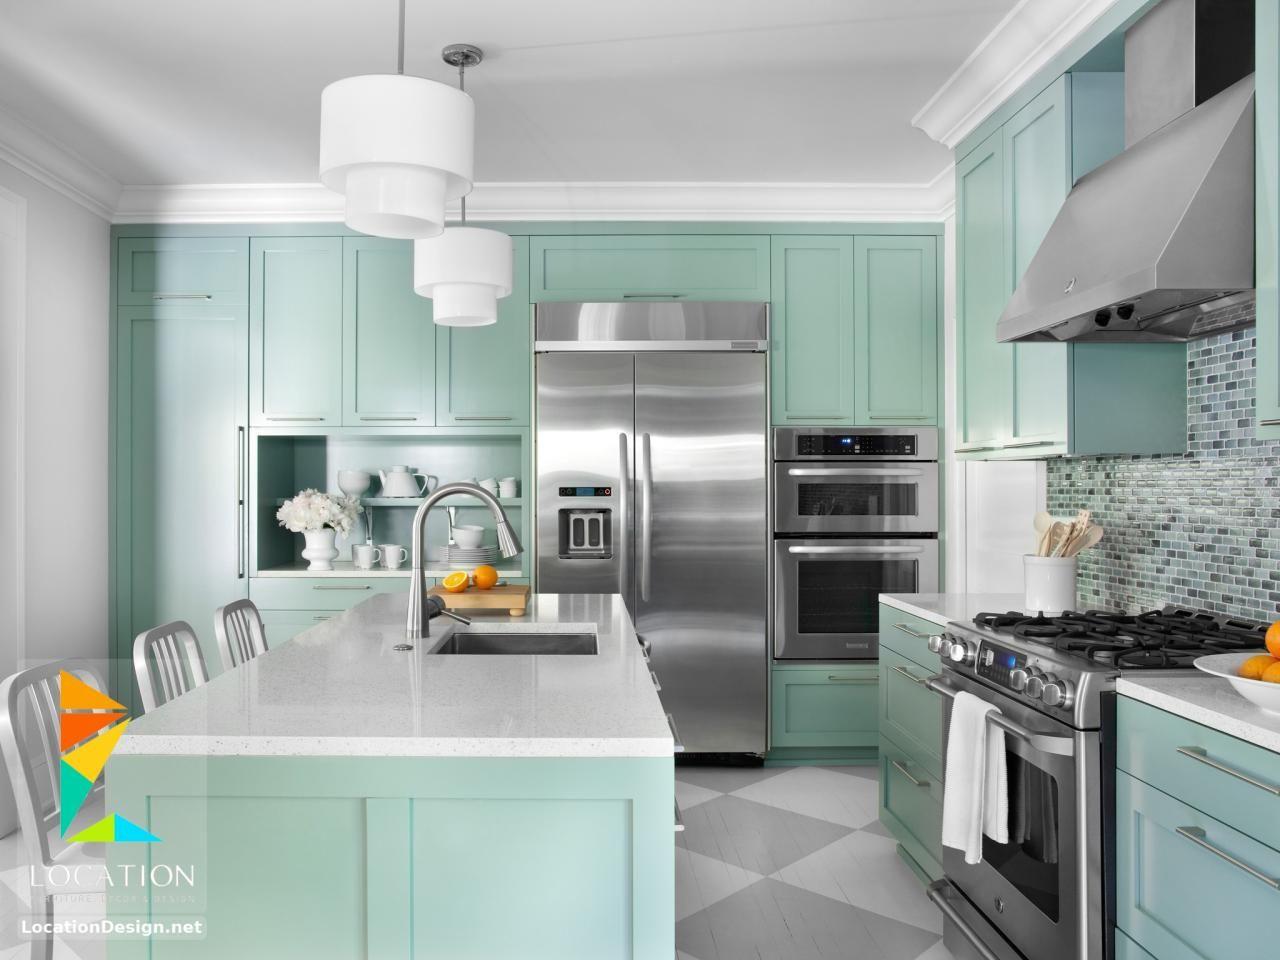 أحدث كتالوج صور تصميمات مطابخ مودرن من افضل الوان المطابخ 2019 2020 Kitchen Renovation Trends Modern Kitchen Design Kitchen Cabinet Colors